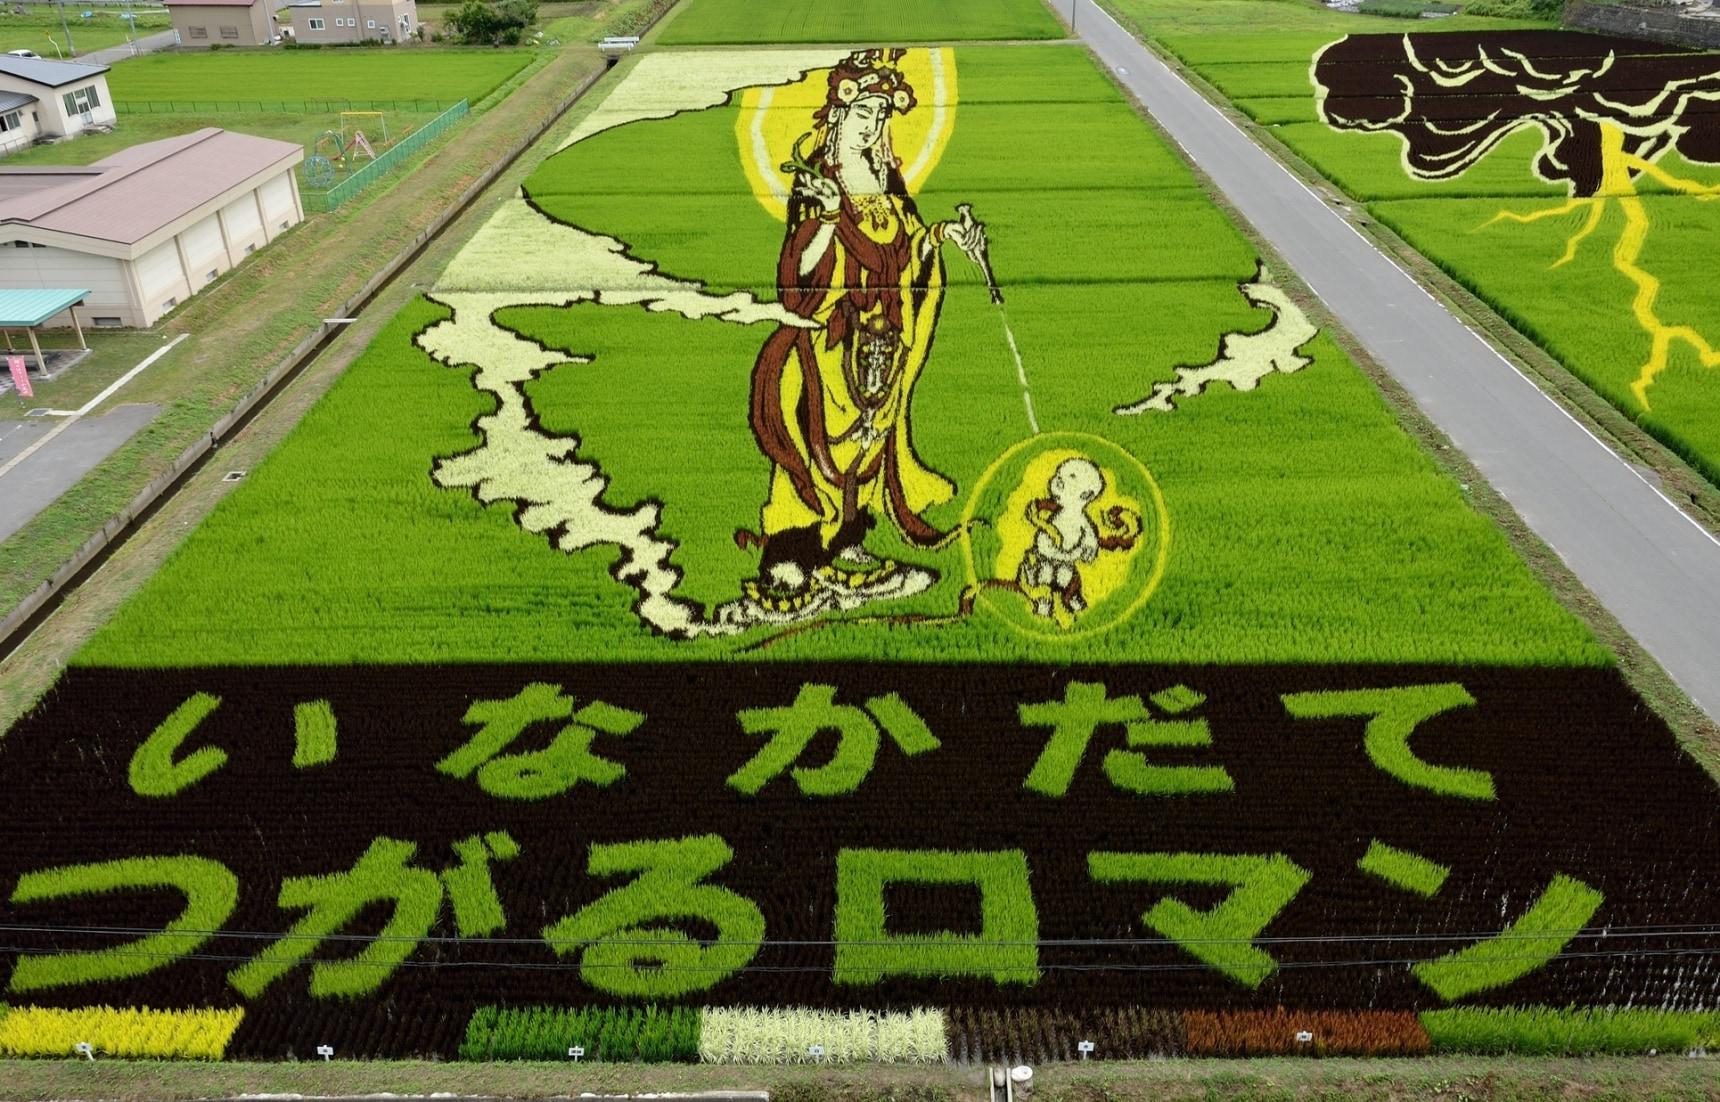 ชม 5 เทศกาล Tanbo Art ศิลปะบนท้องนาญี่ปุ่น